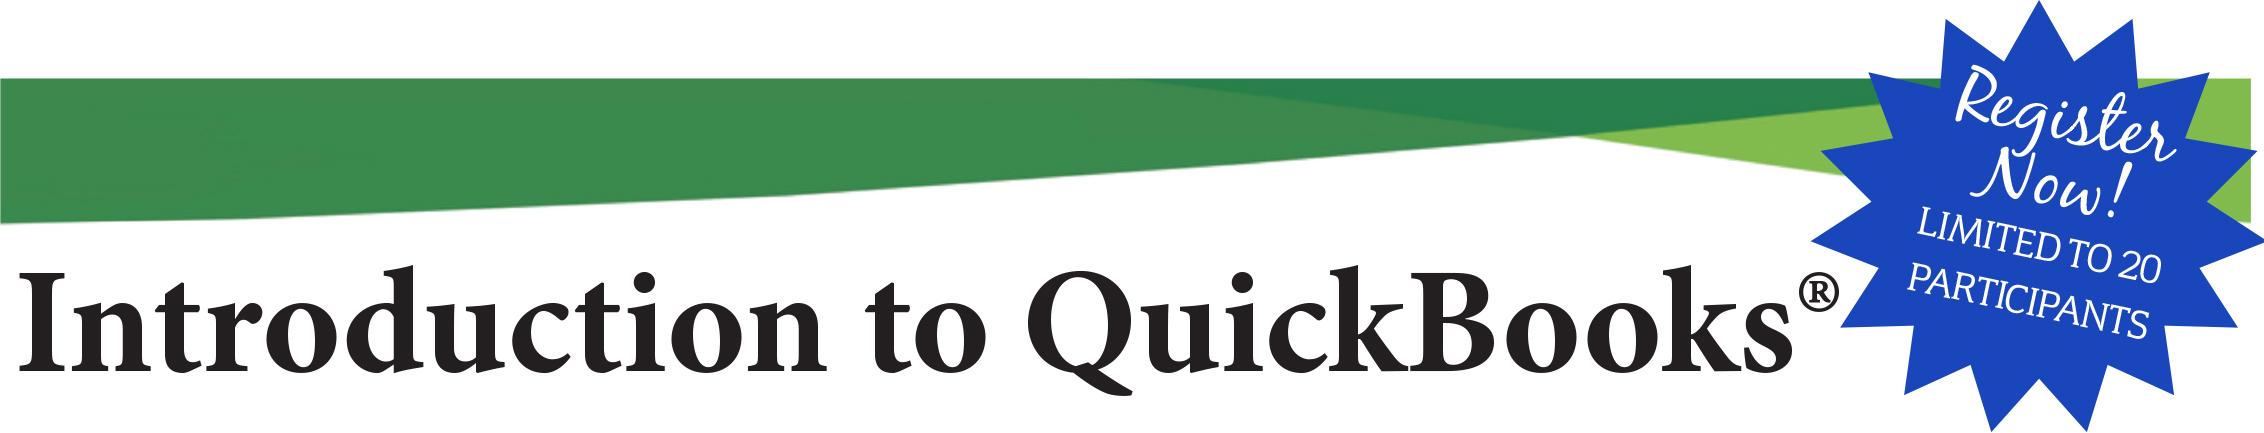 Quickbooks_Banner.jpg